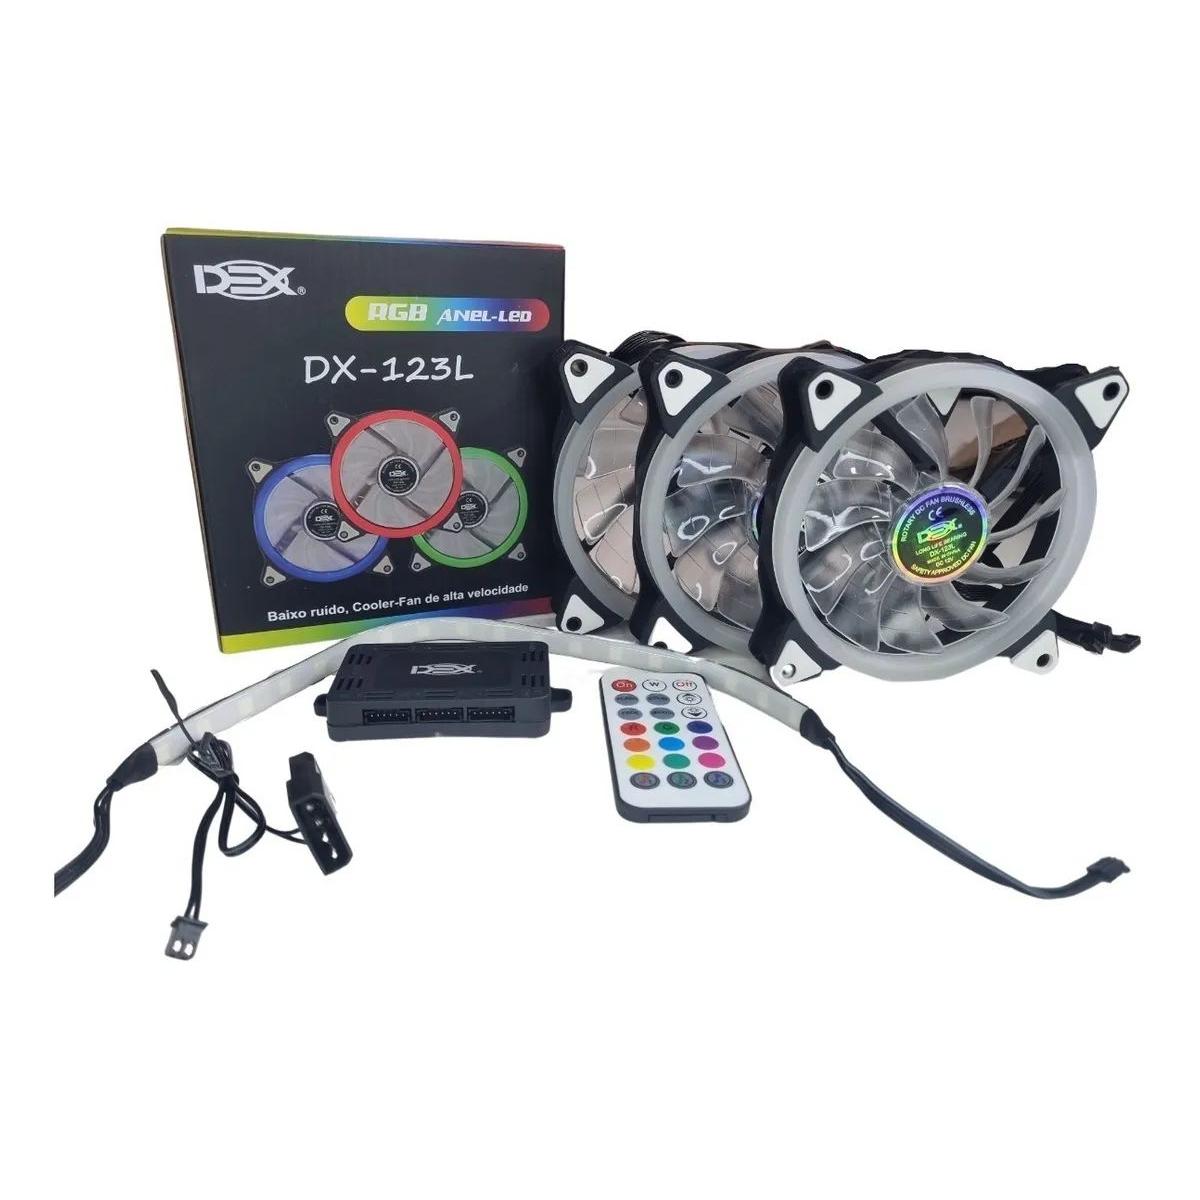 Kit Cooler 03 Fans RGB DX-123L Dex 21